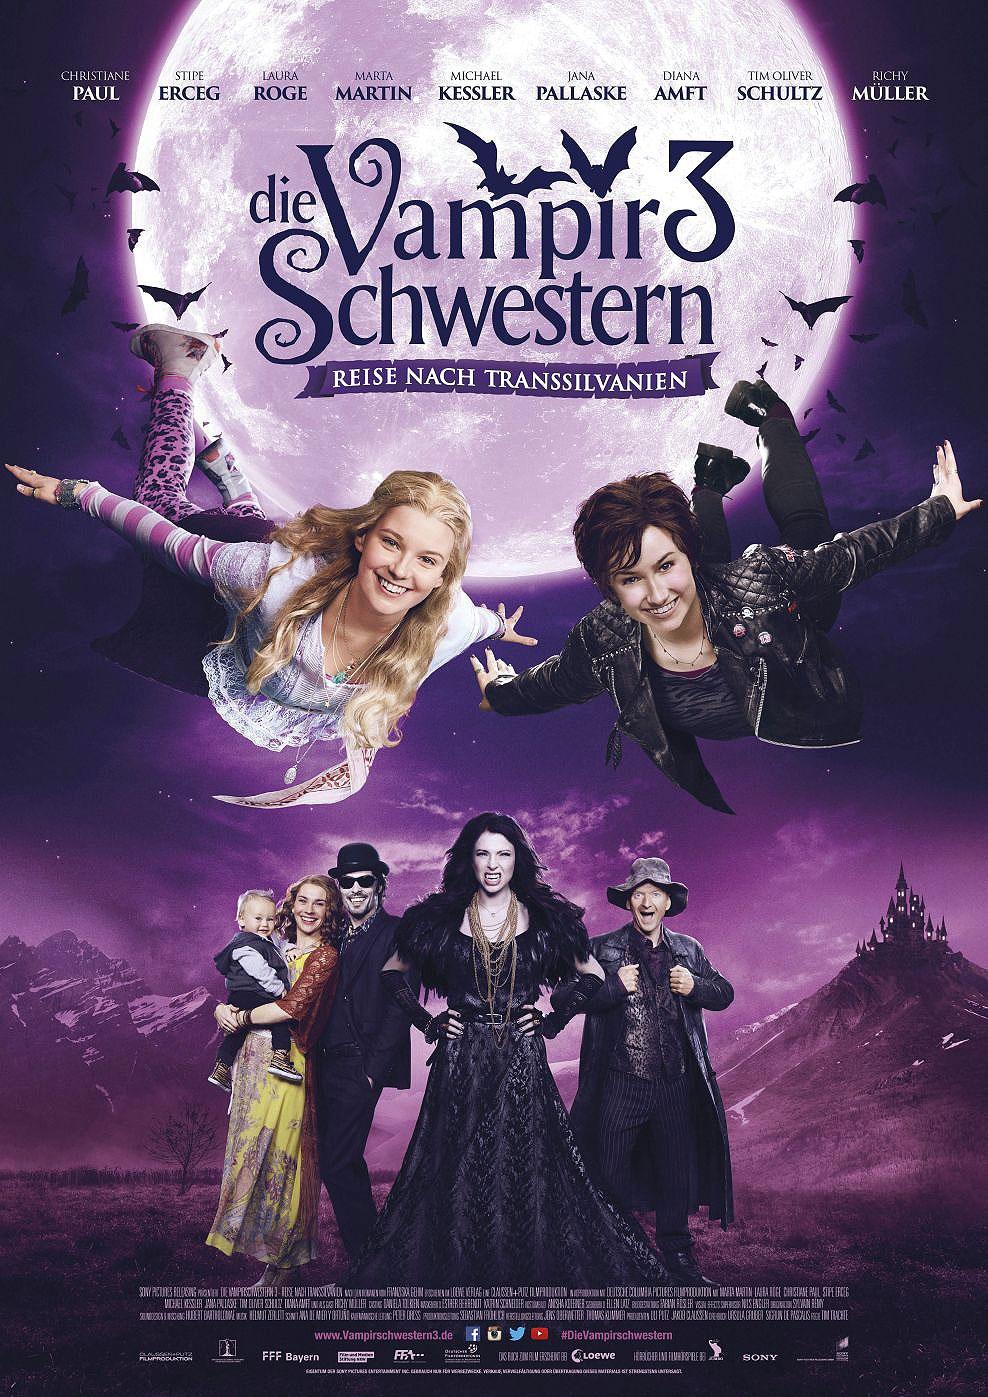 Vampirschwestern 3 - Reise nach Transsilvanien (Poster)